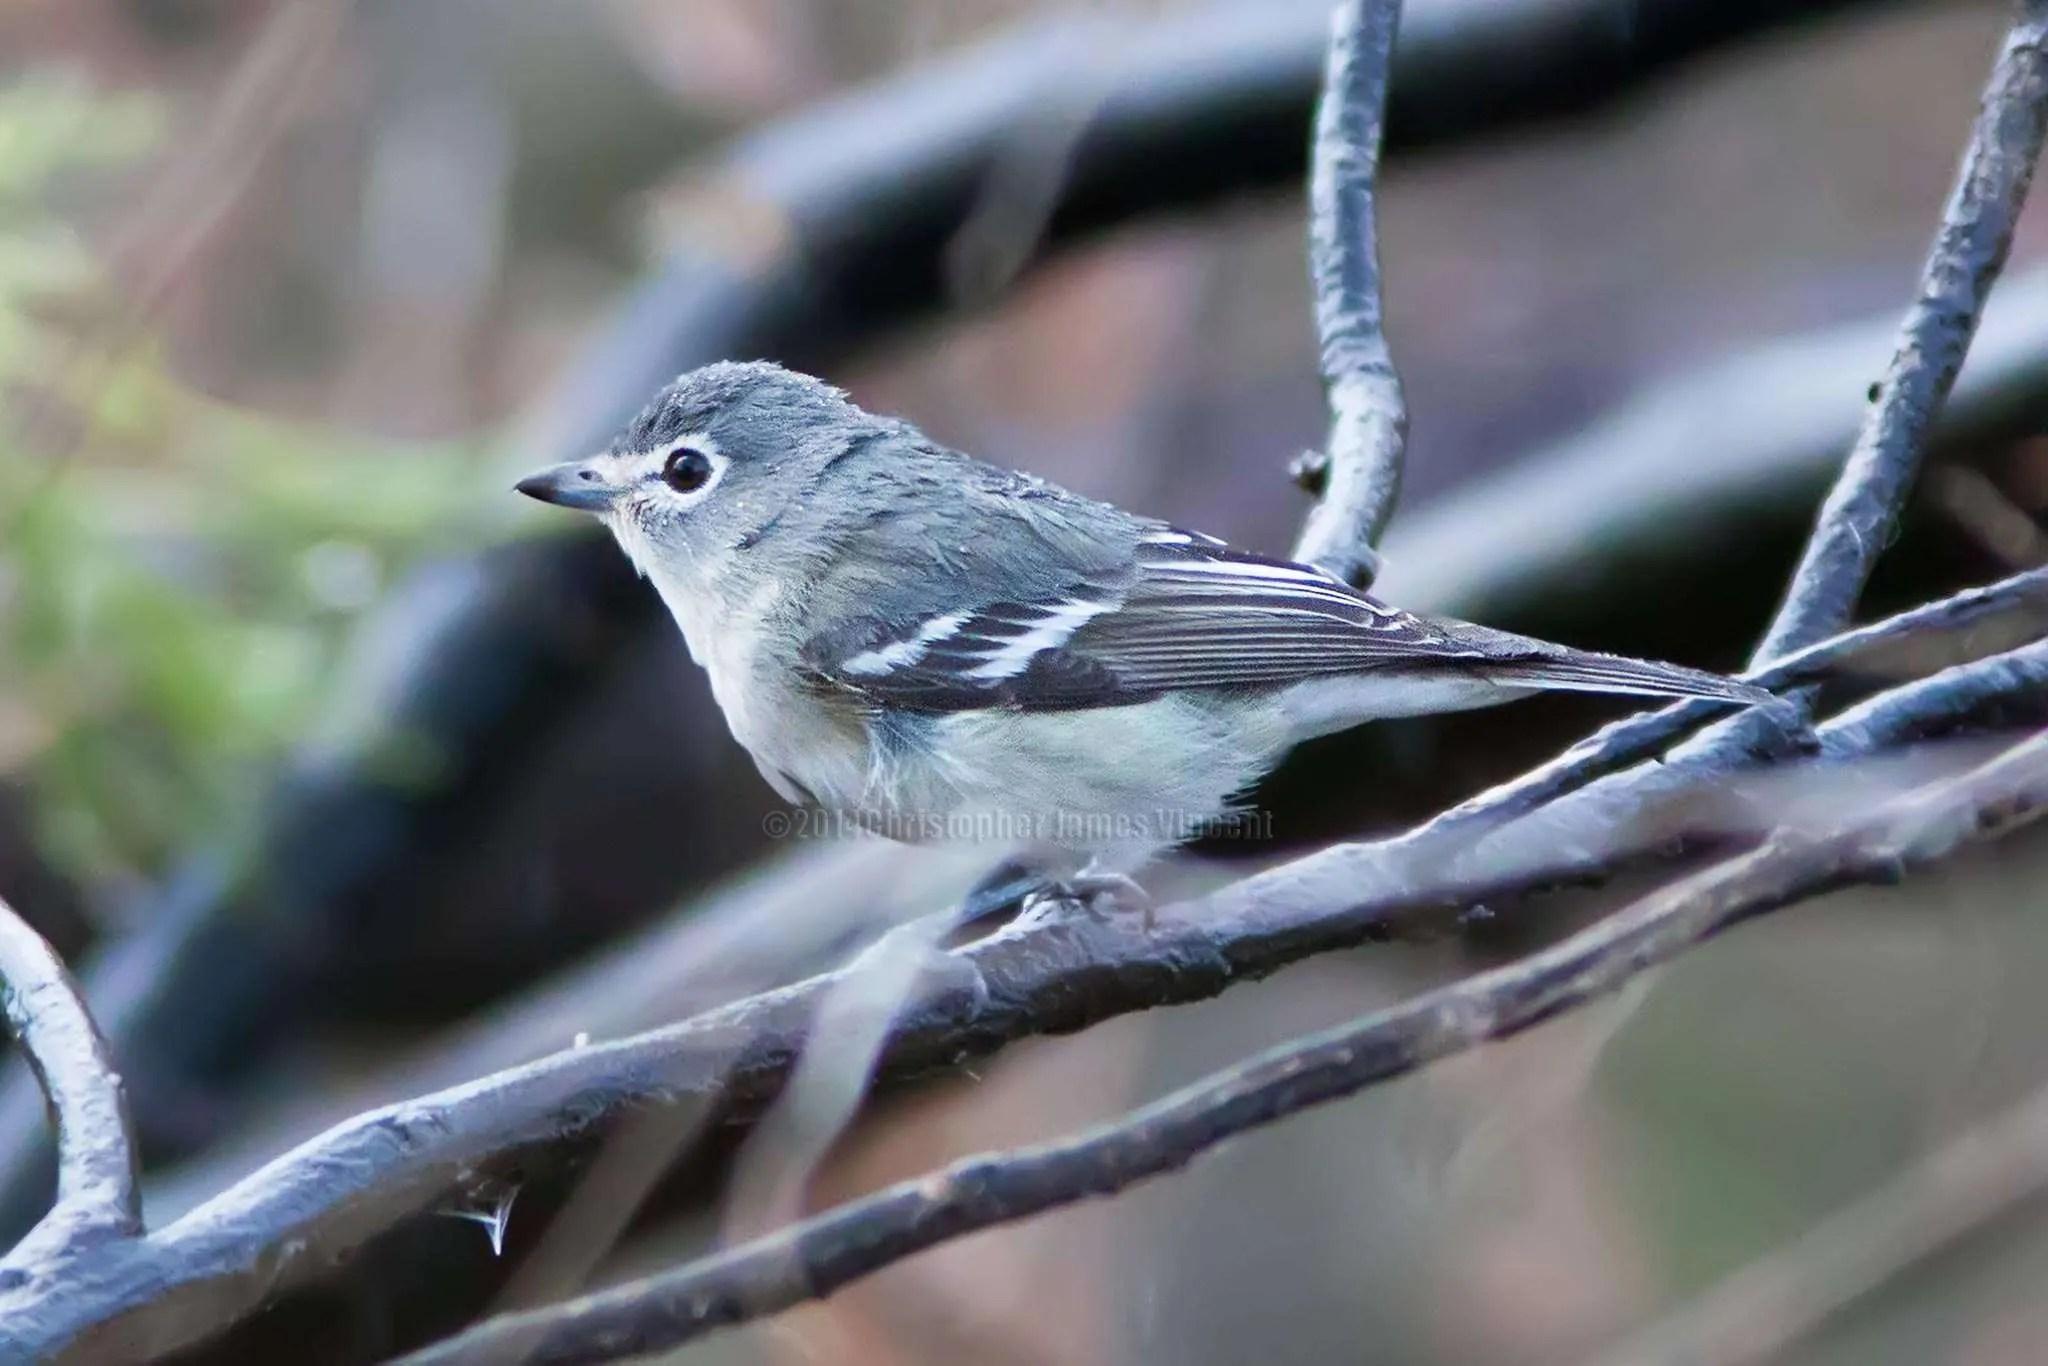 Plumbeous Vireo in the Bird Shower